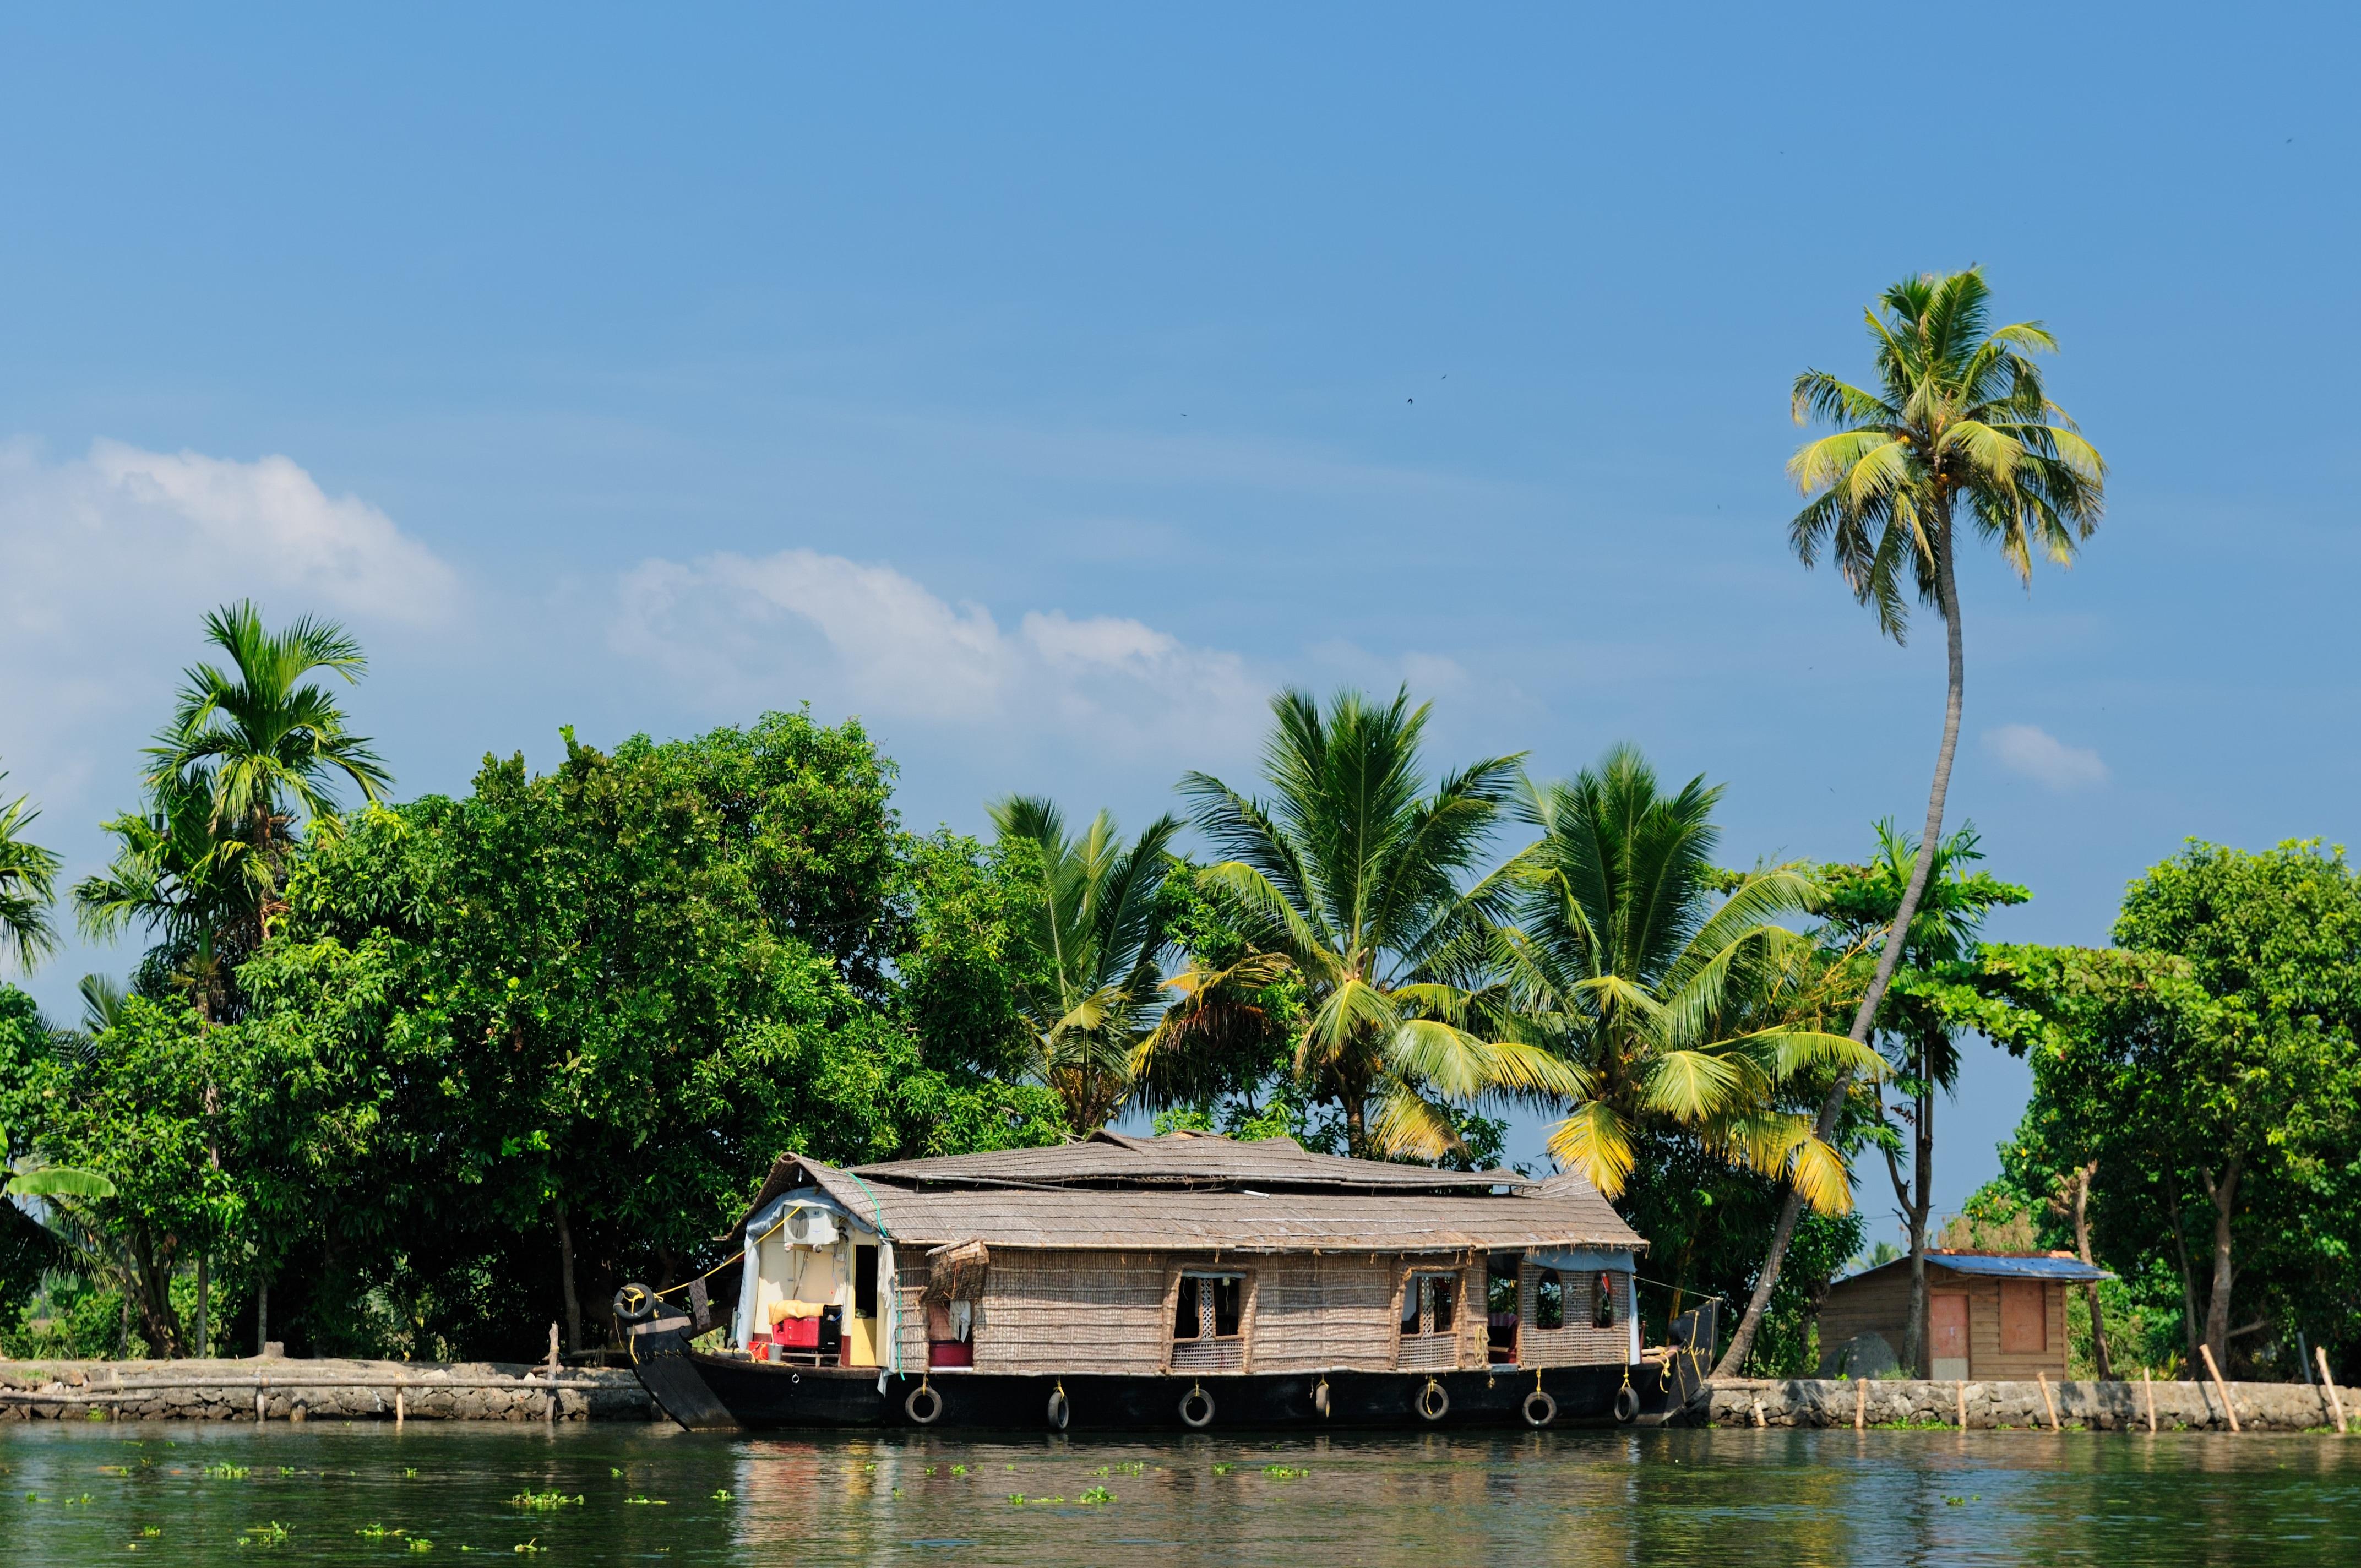 Kerala and Kovalam